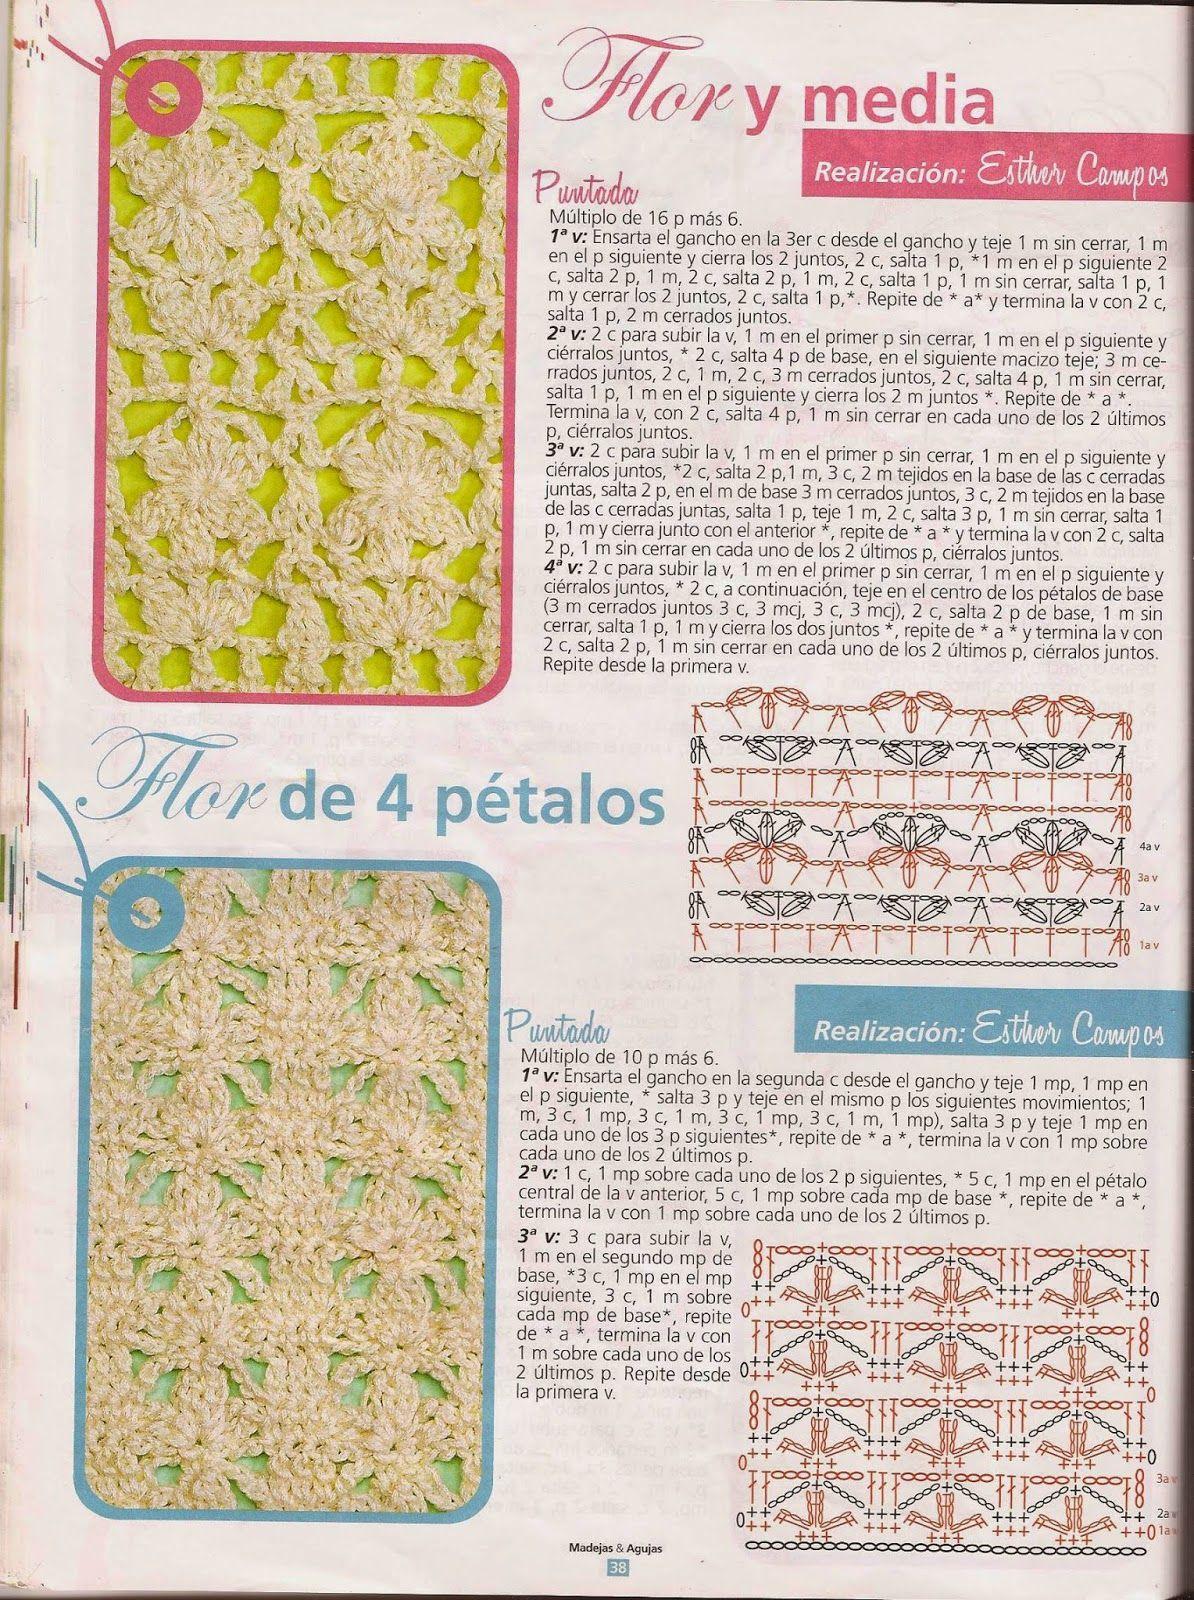 Revistas de crochet y tejidos gratis: clases de puntos para crochet ...